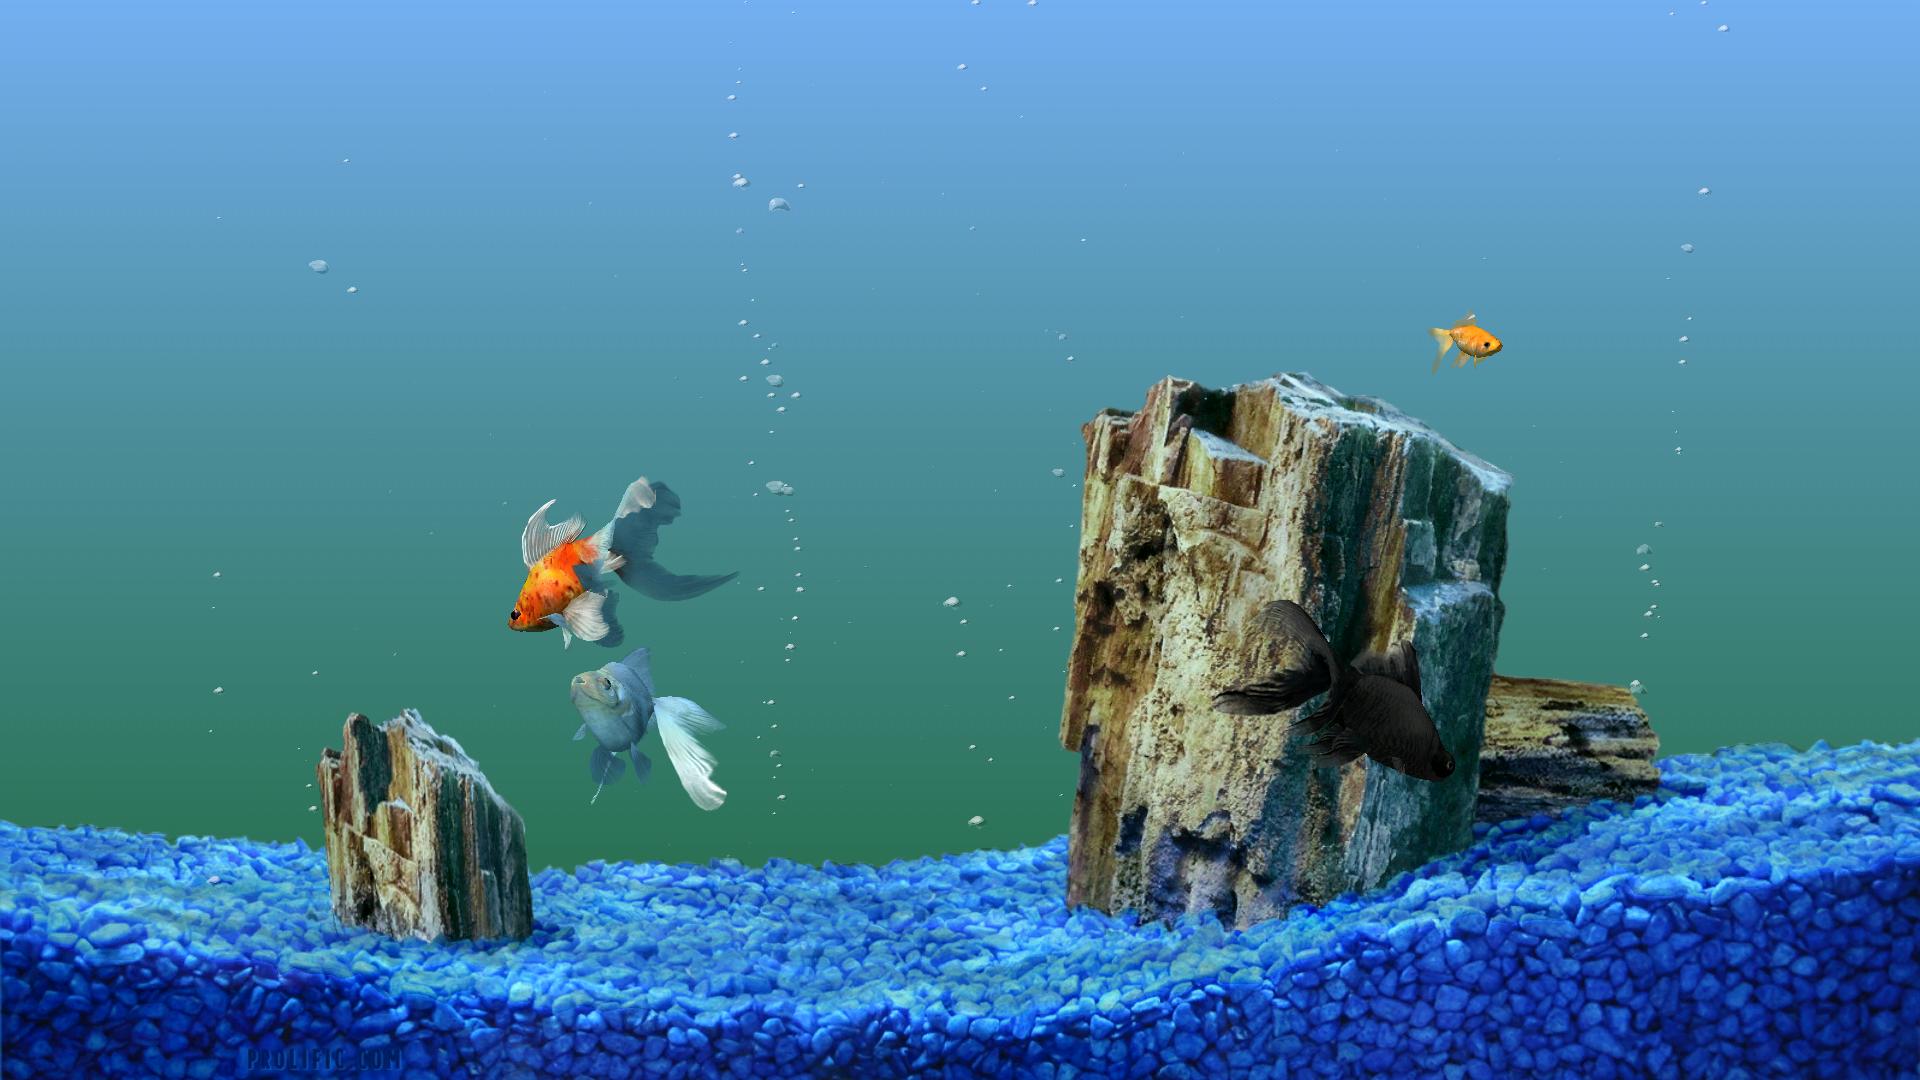 Hd Animated Fish Tank Wallpaper Dowload